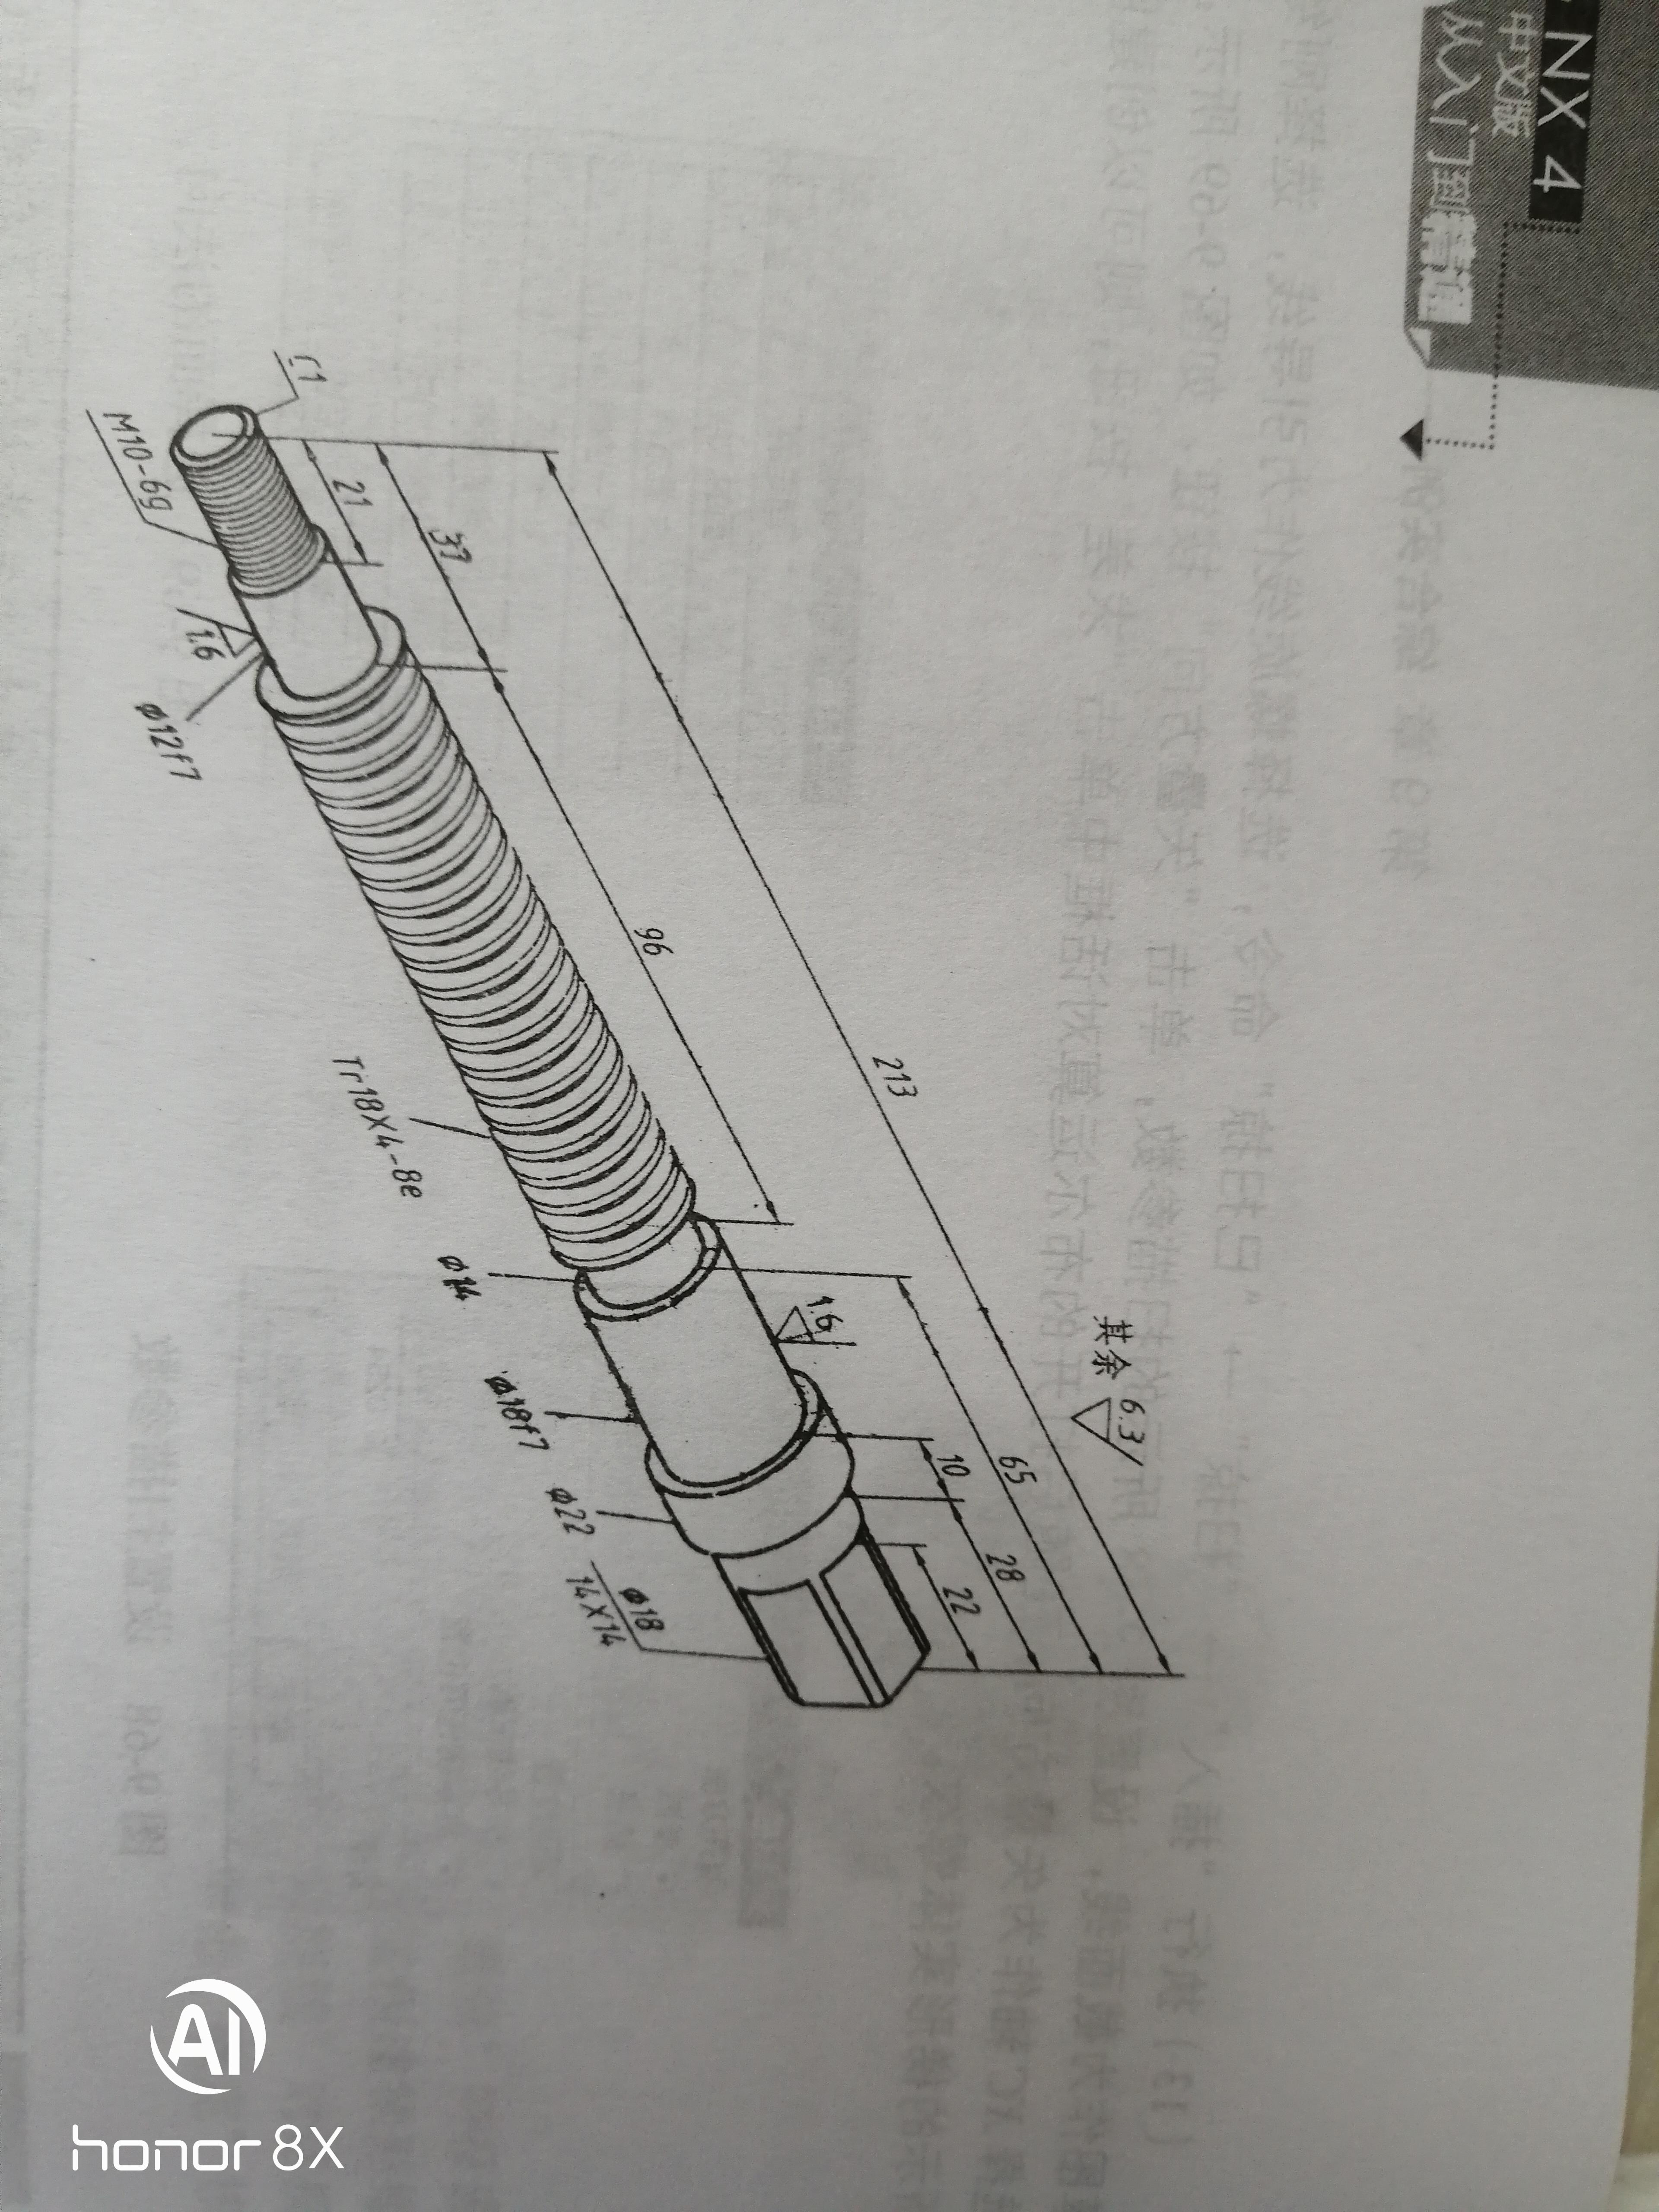 这是UG工程图的一种尺寸标注方法